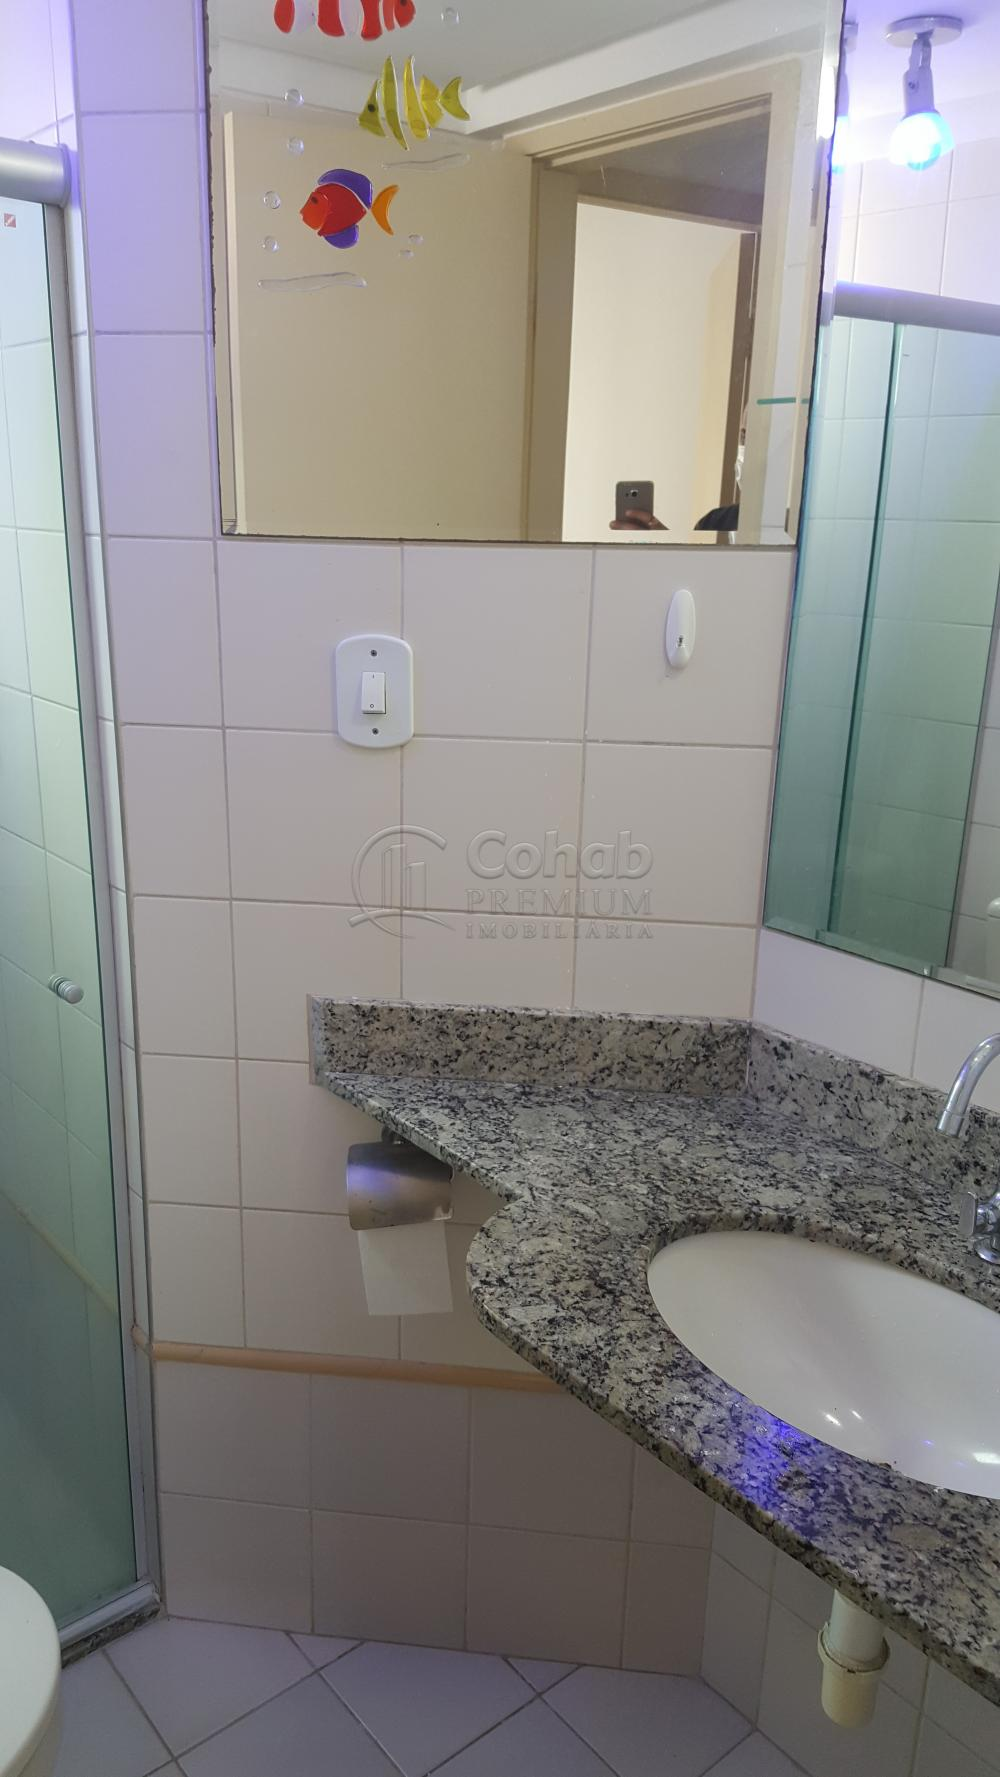 Comprar Apartamento / Padrão em Aracaju R$ 250.000,00 - Foto 21